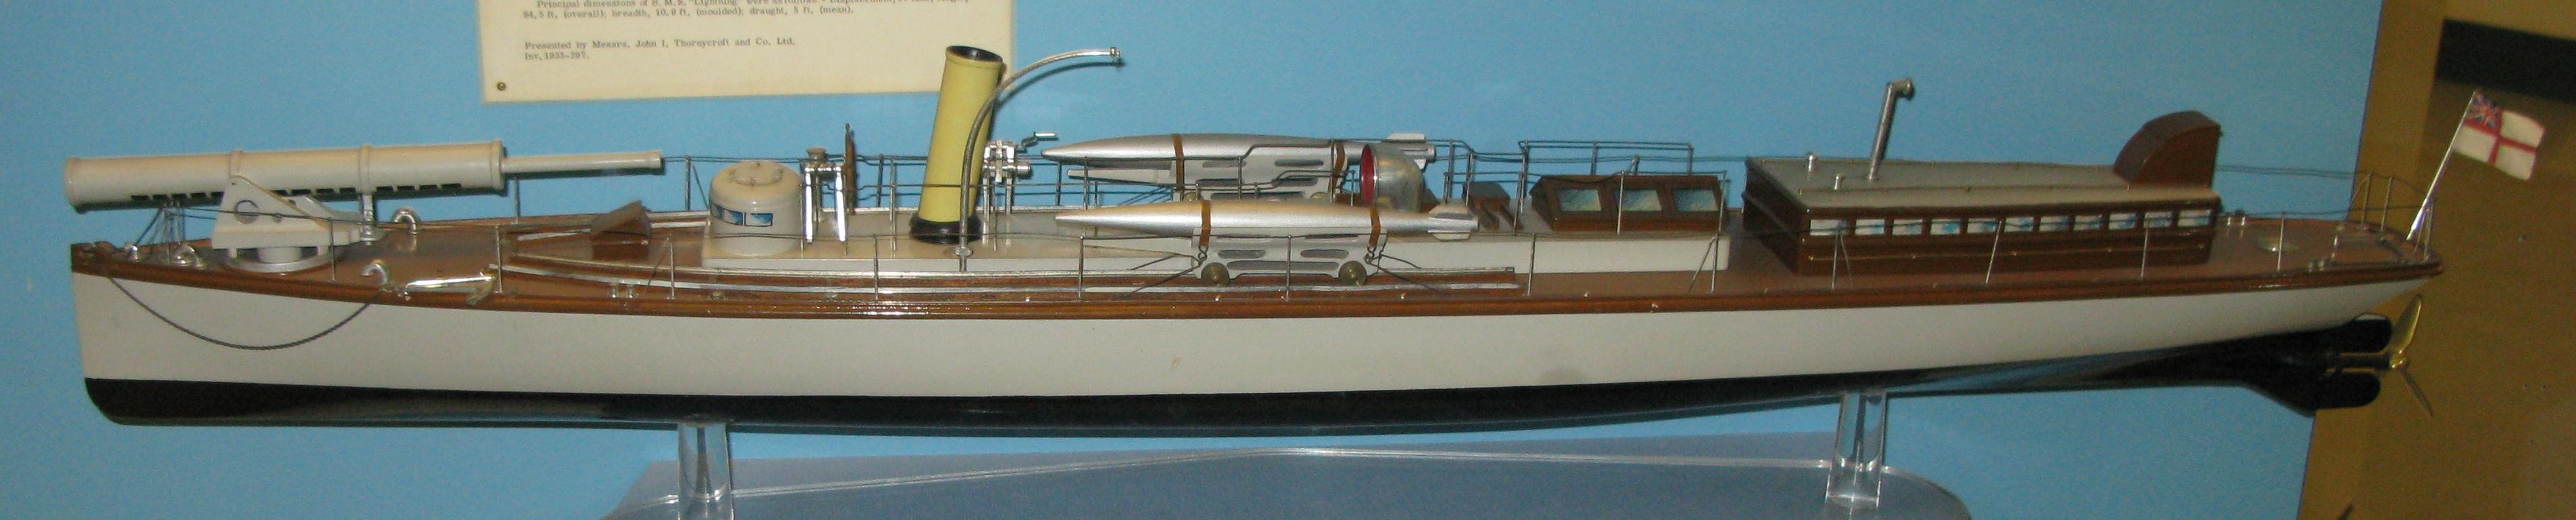 HMS_Lightning_1876_model.jpg